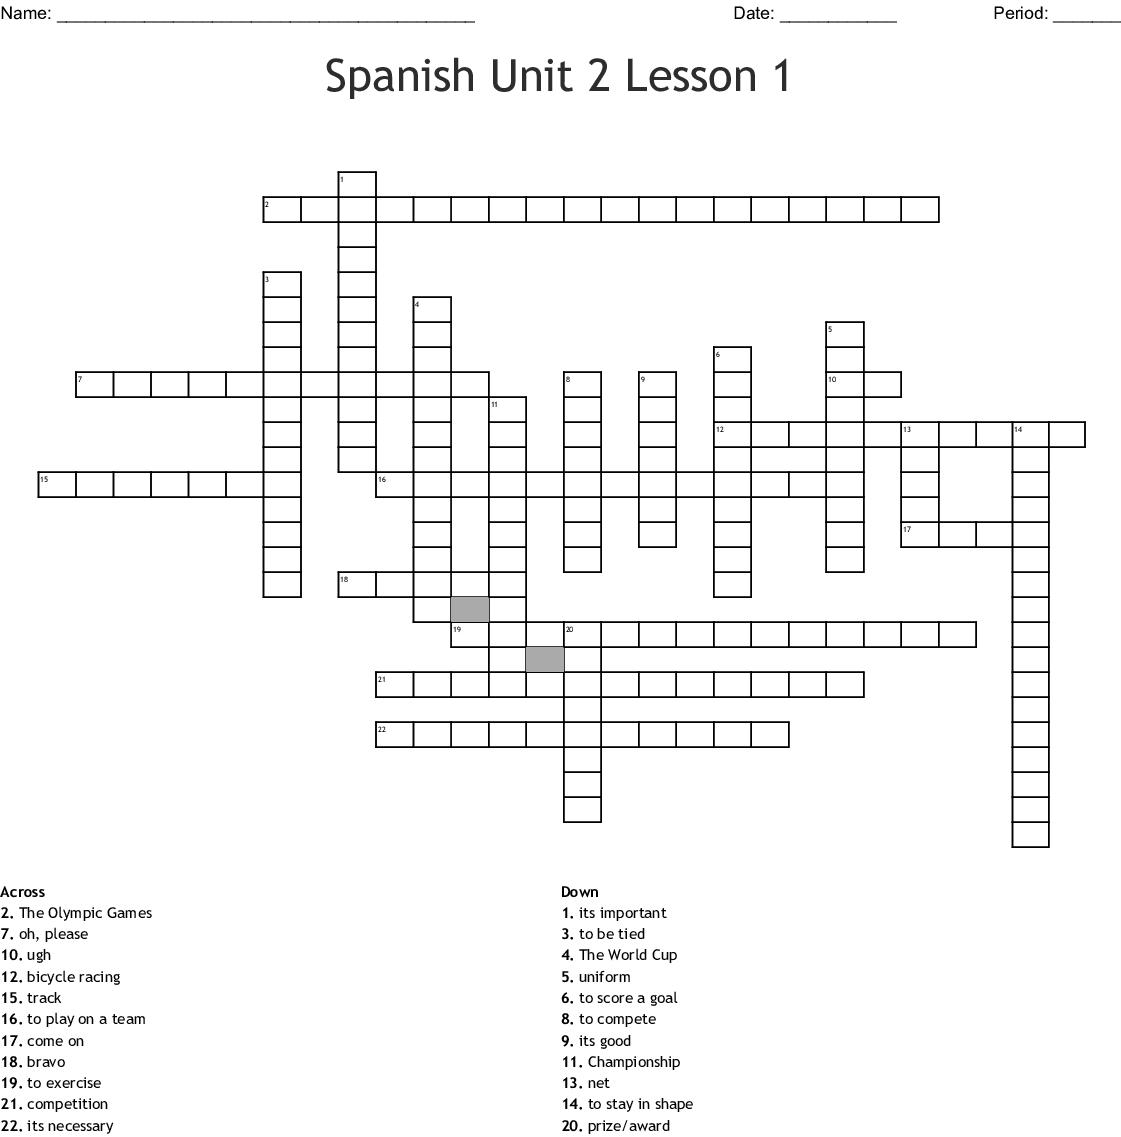 Spanish Unit 2 Lesson 1 Crossword